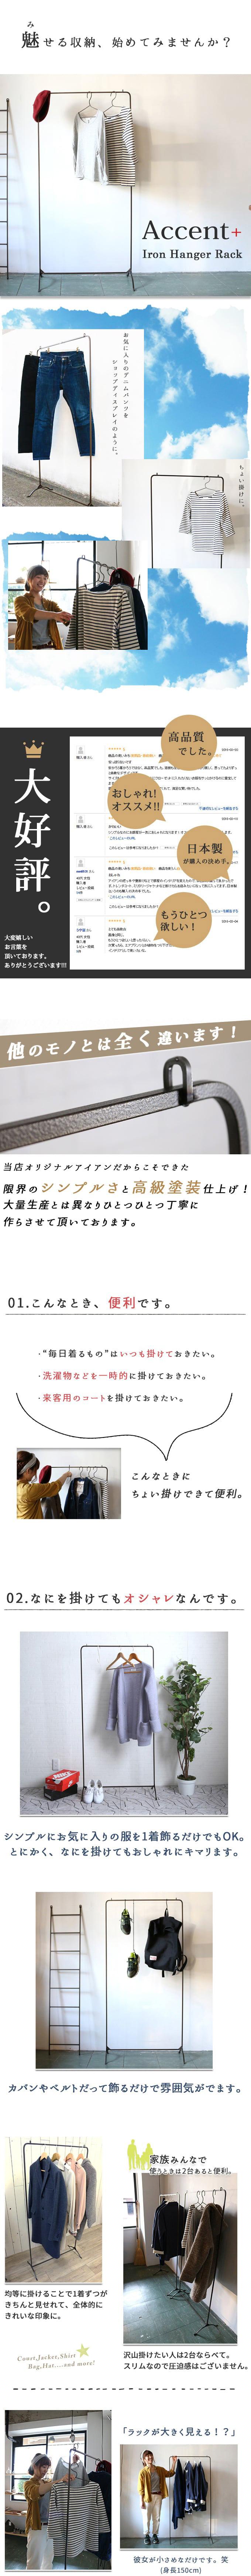 『Accent+ アイアンハンガーラック』 コートハンガー / 1